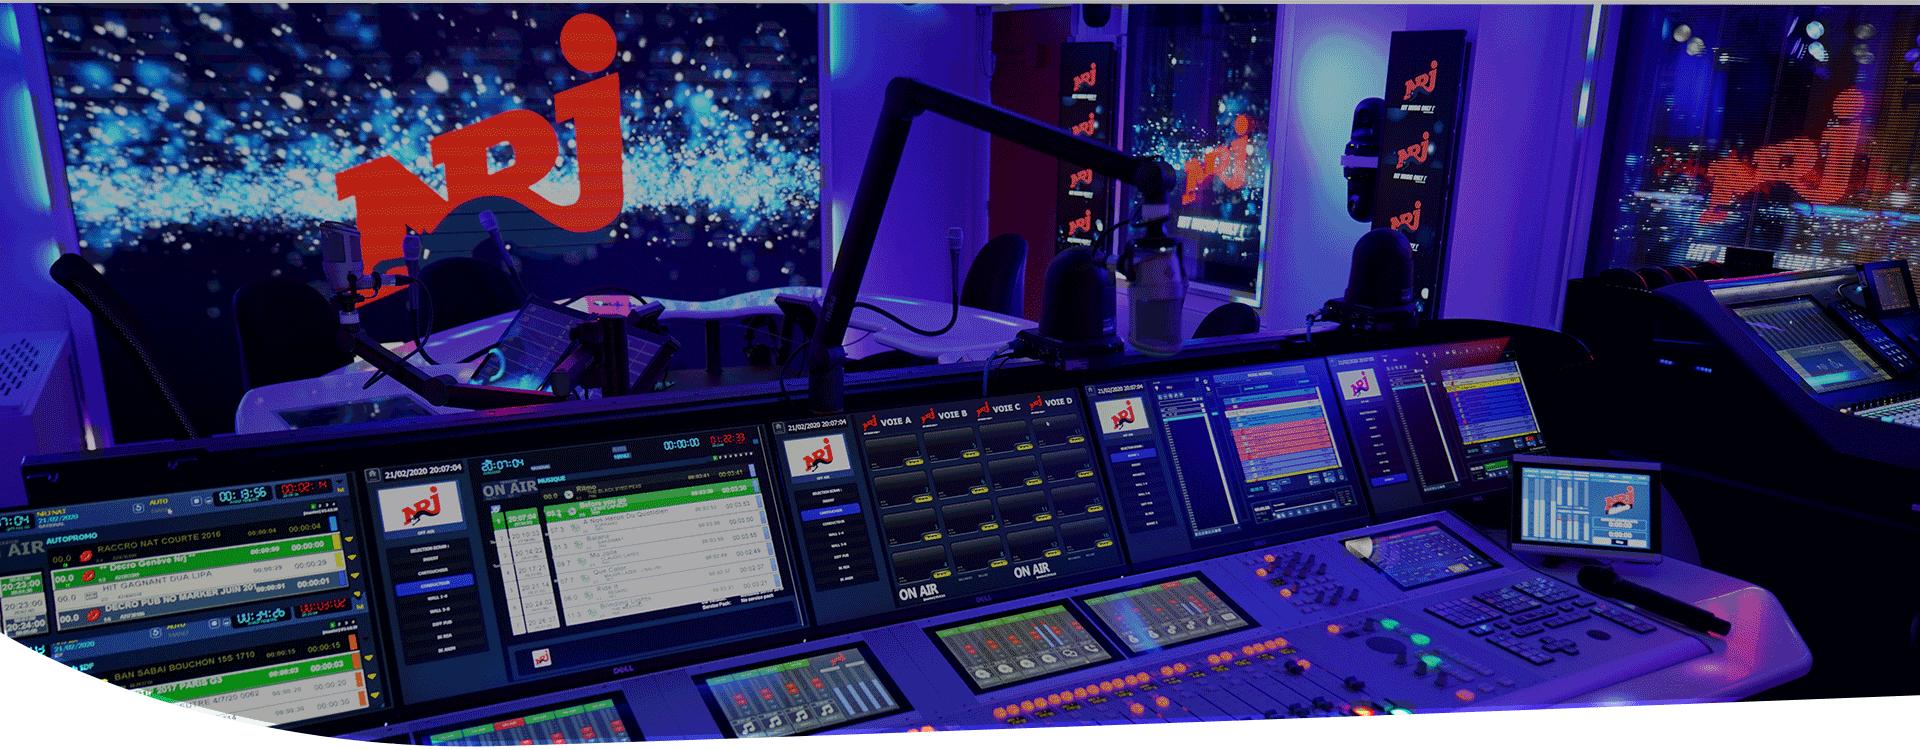 colibri nettoyage - Studios et régies